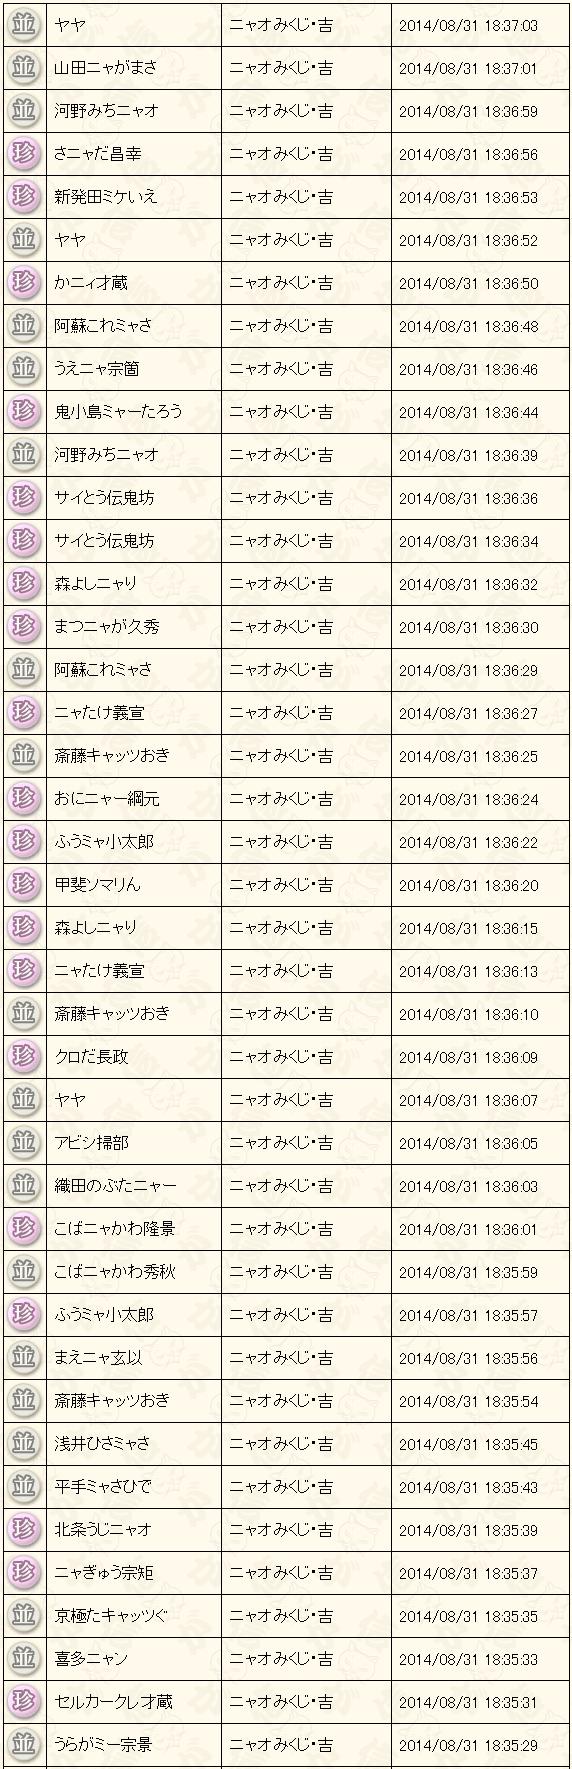 8月末くじ結果2014吉